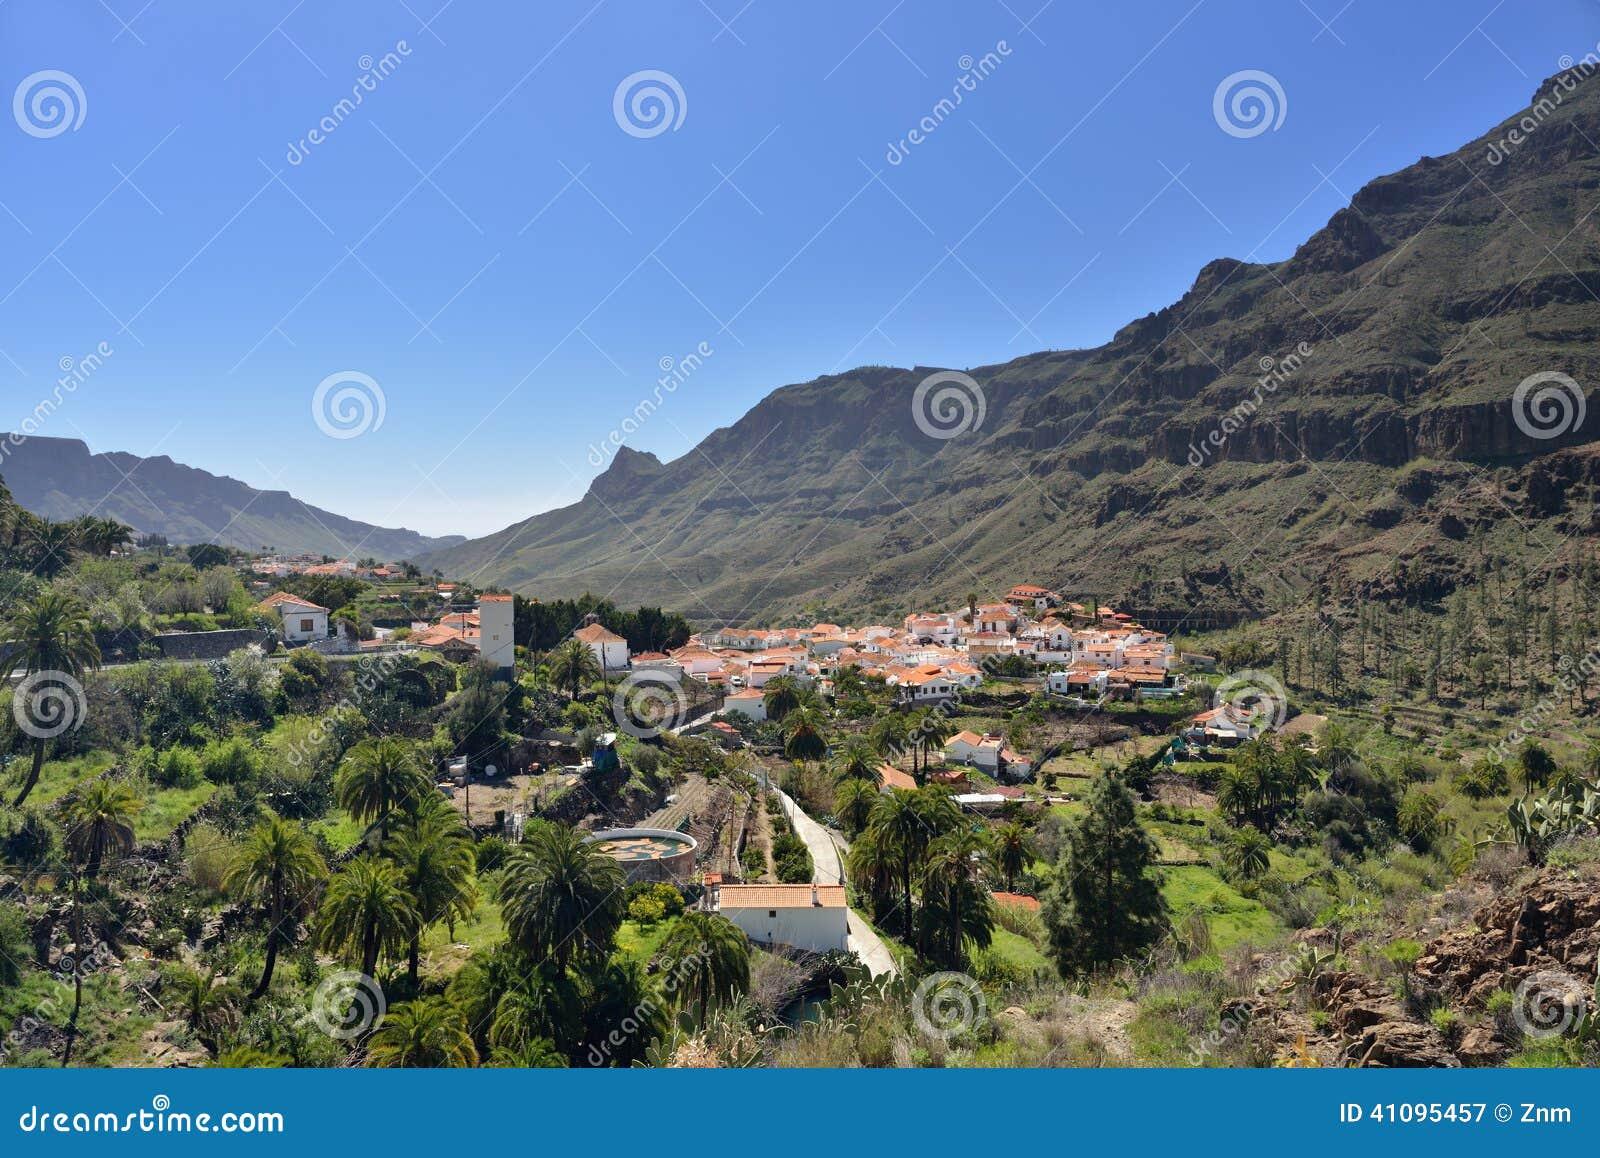 Hotel Fataga Gran Canaria